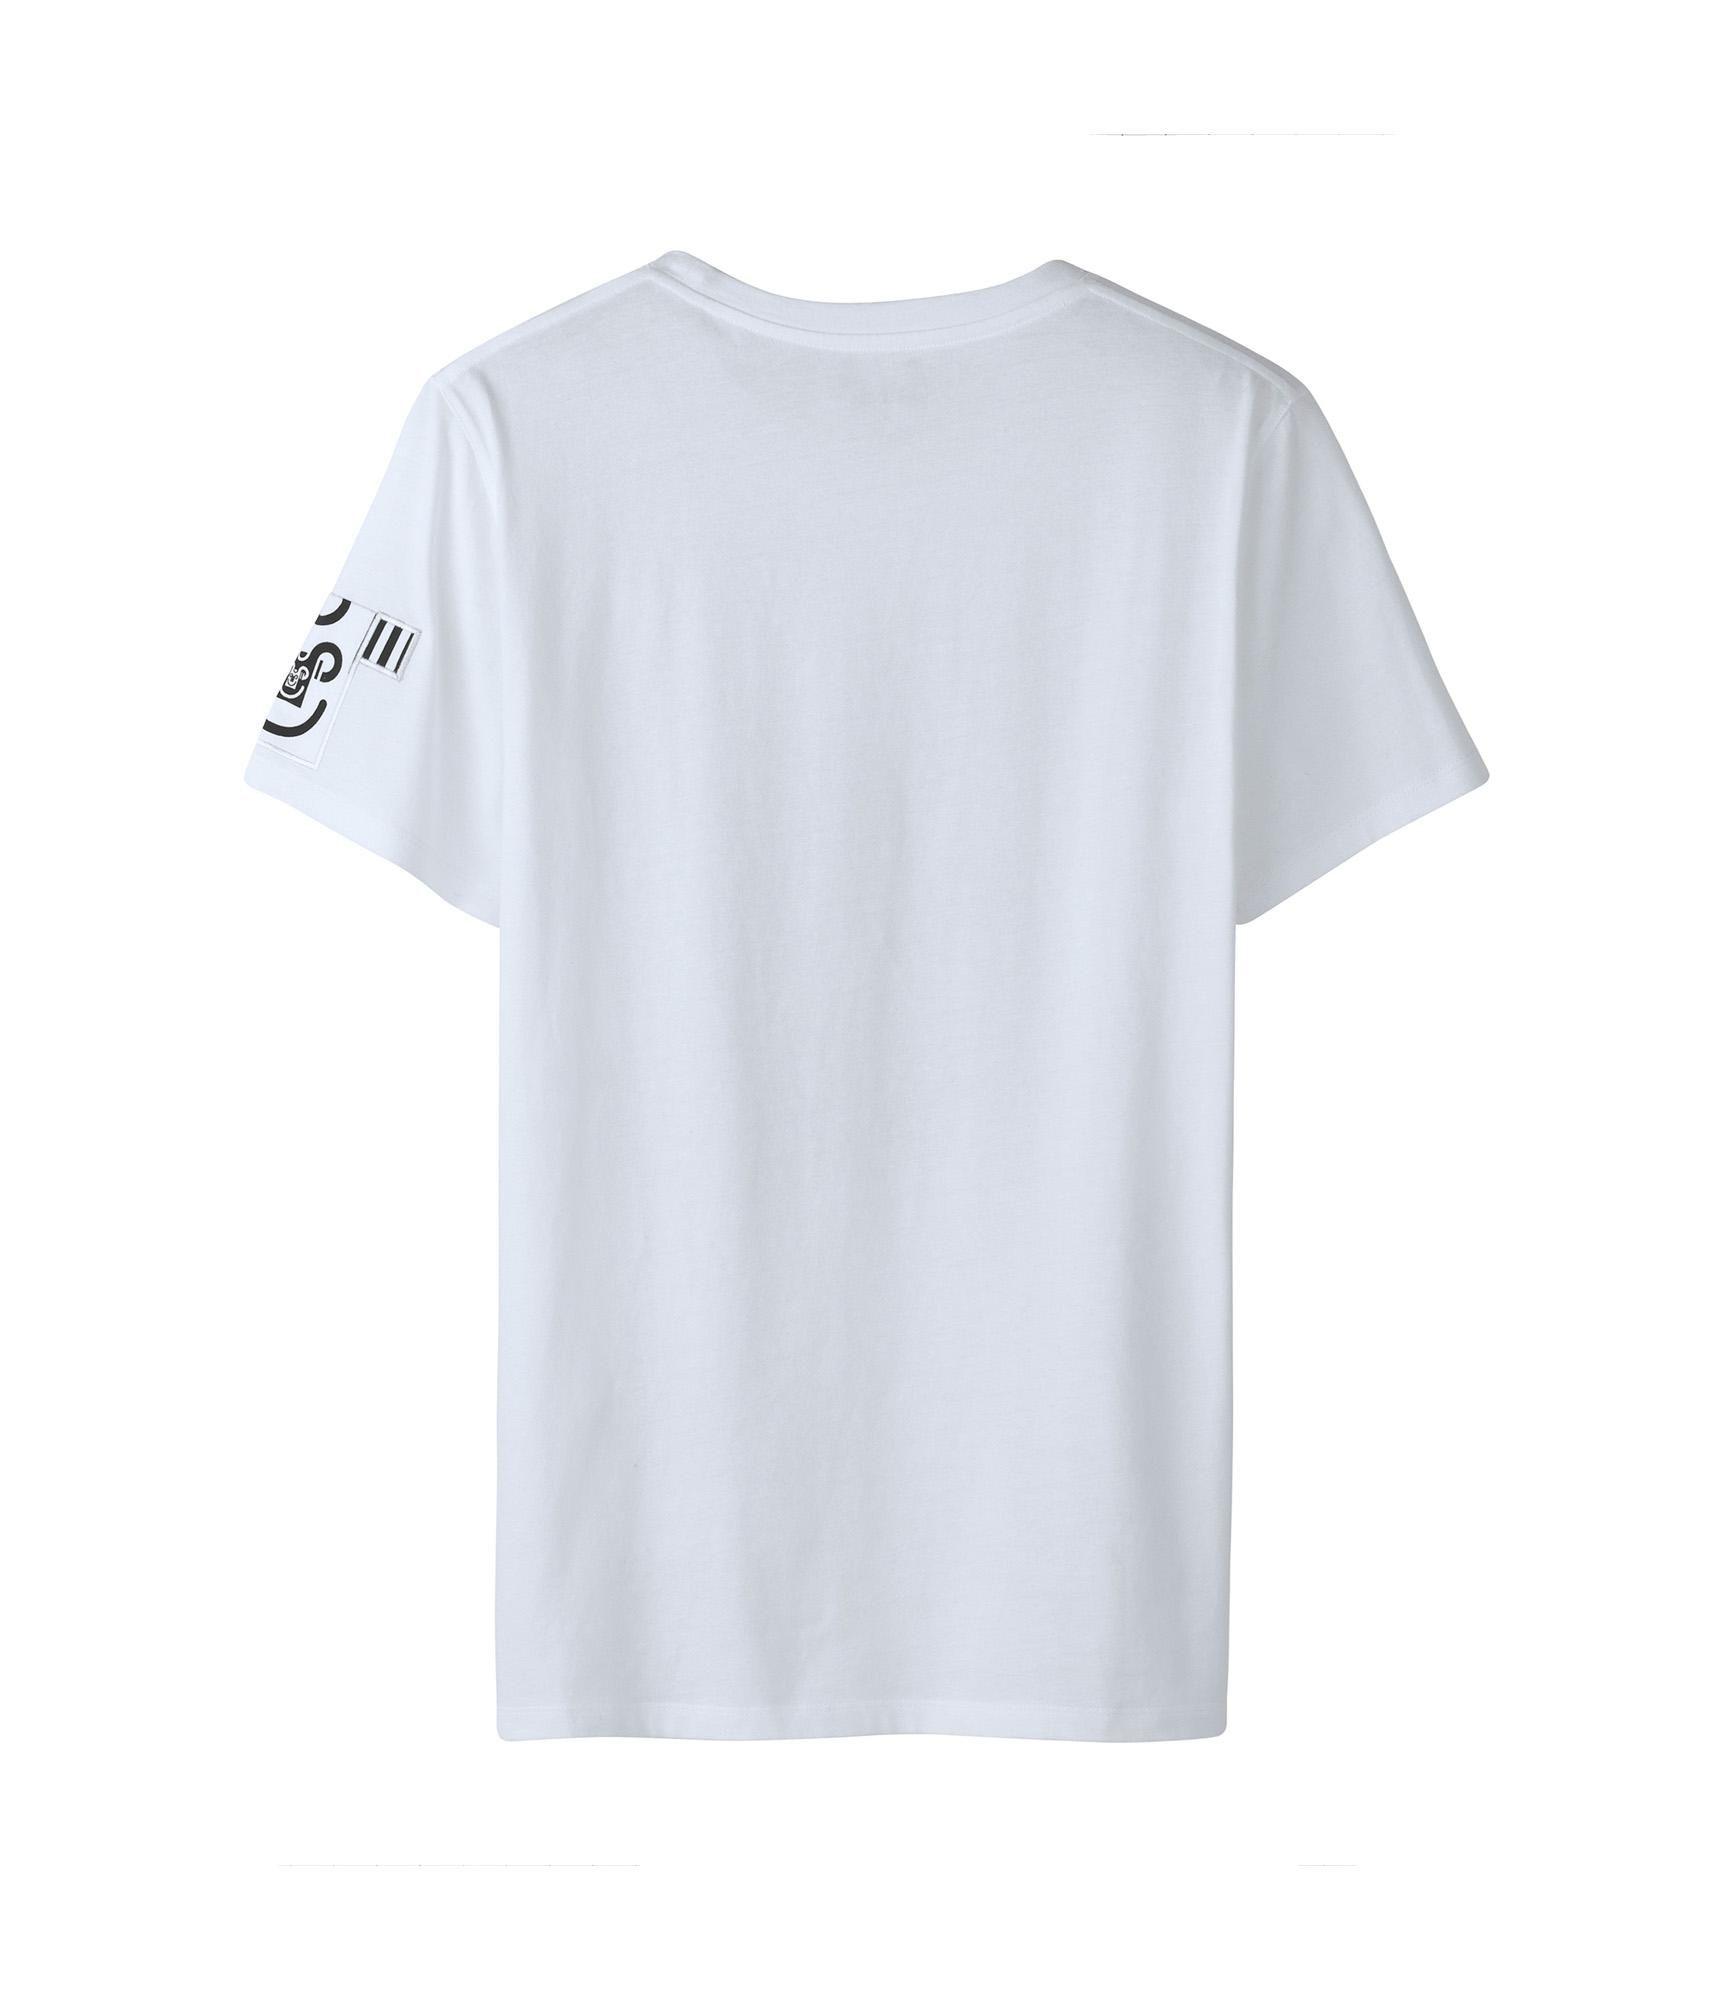 405f2e59f1b04 T-shirt M M Judith Jersey de coton. Collaboration avec M M. Encolure ...